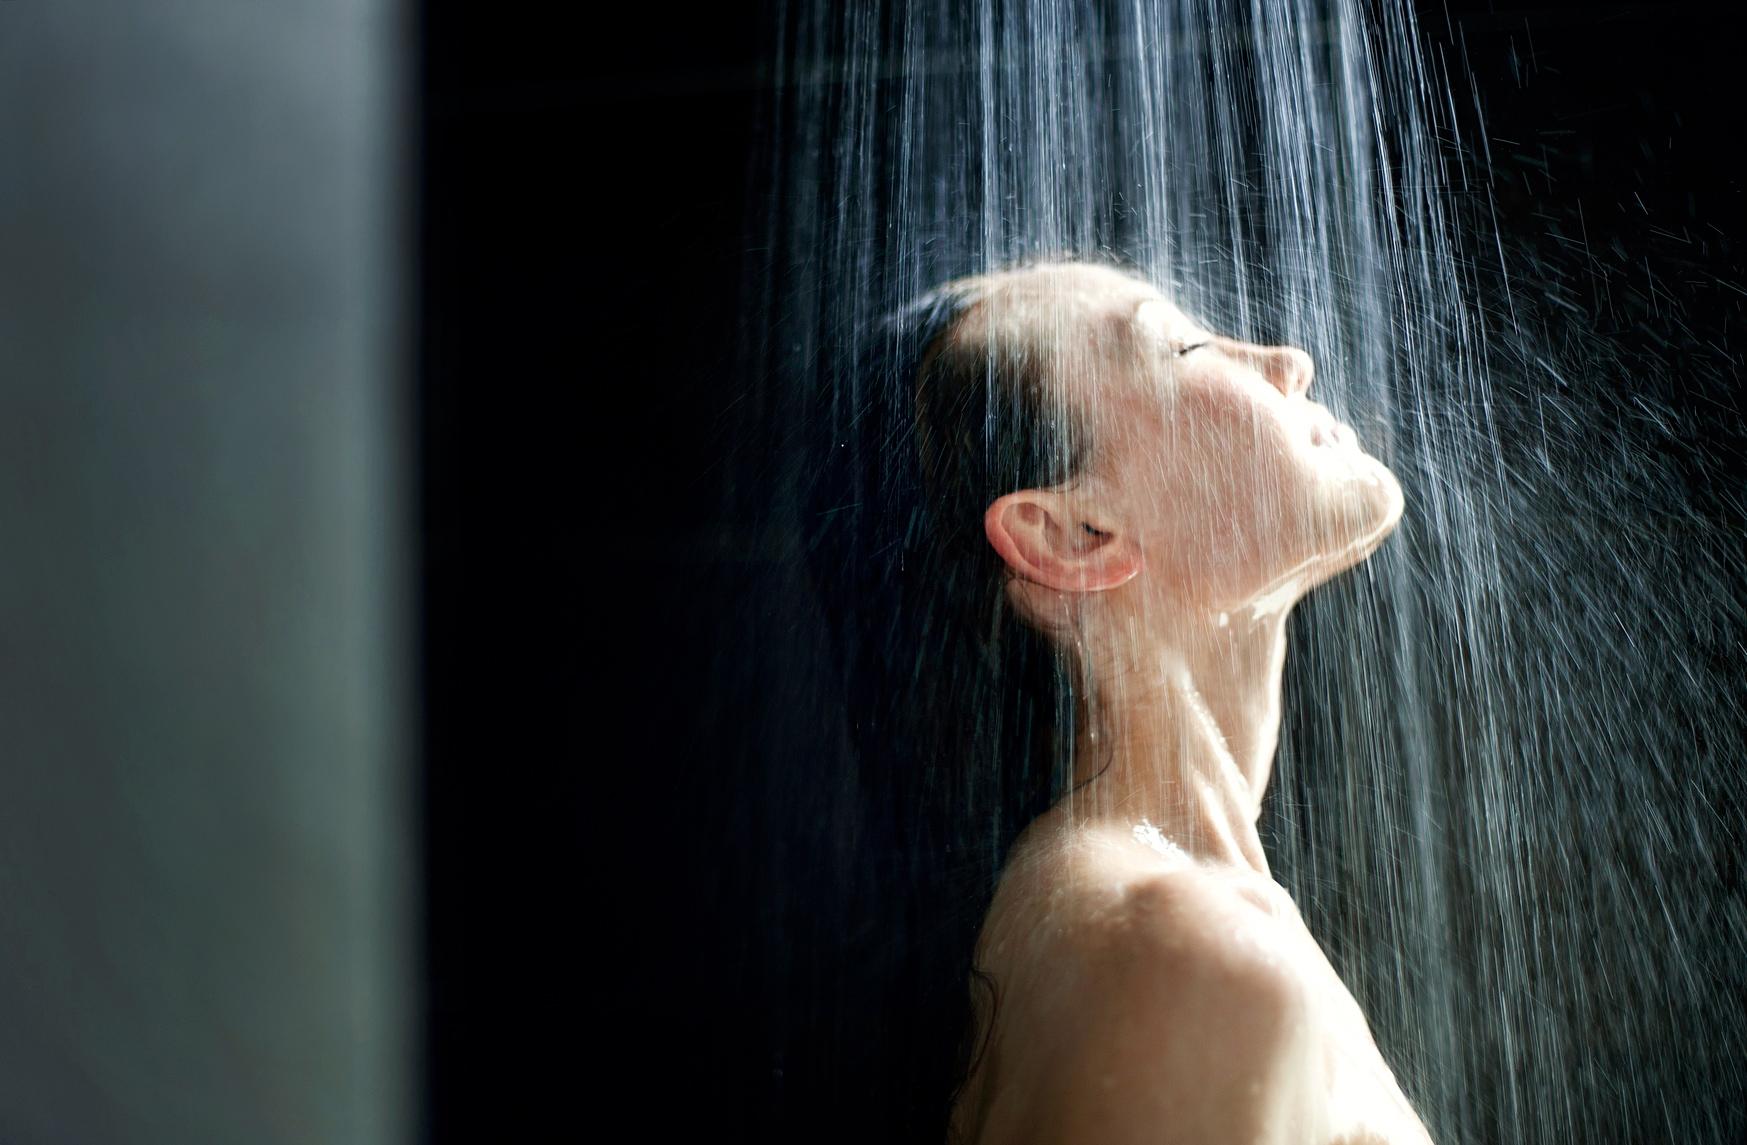 Девушка принимает душ 29 фотография